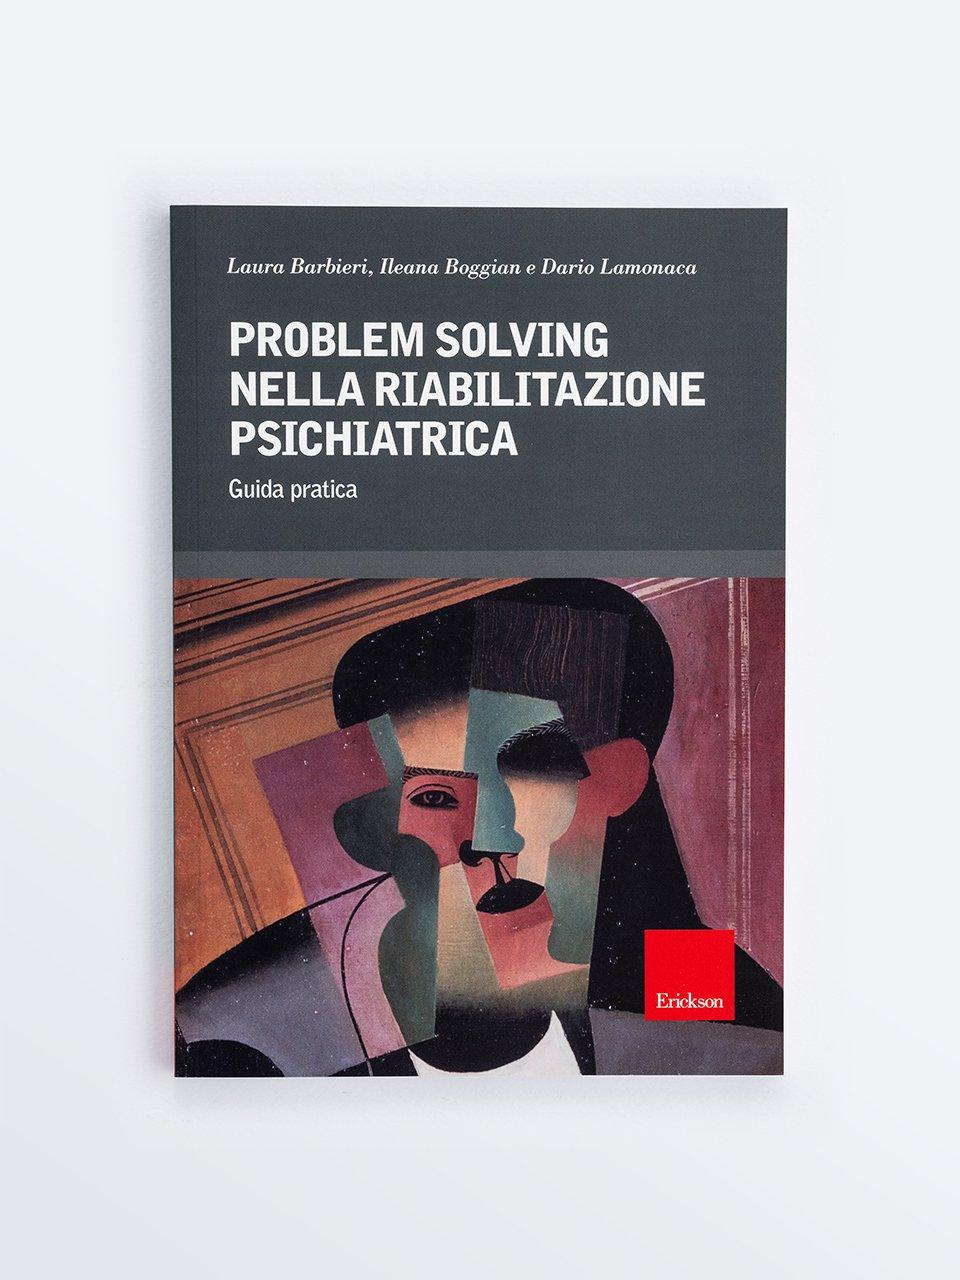 Problem solving nella riabilitazione psichiatrica - Tablotto (6-8 anni) - Giochi - Erickson